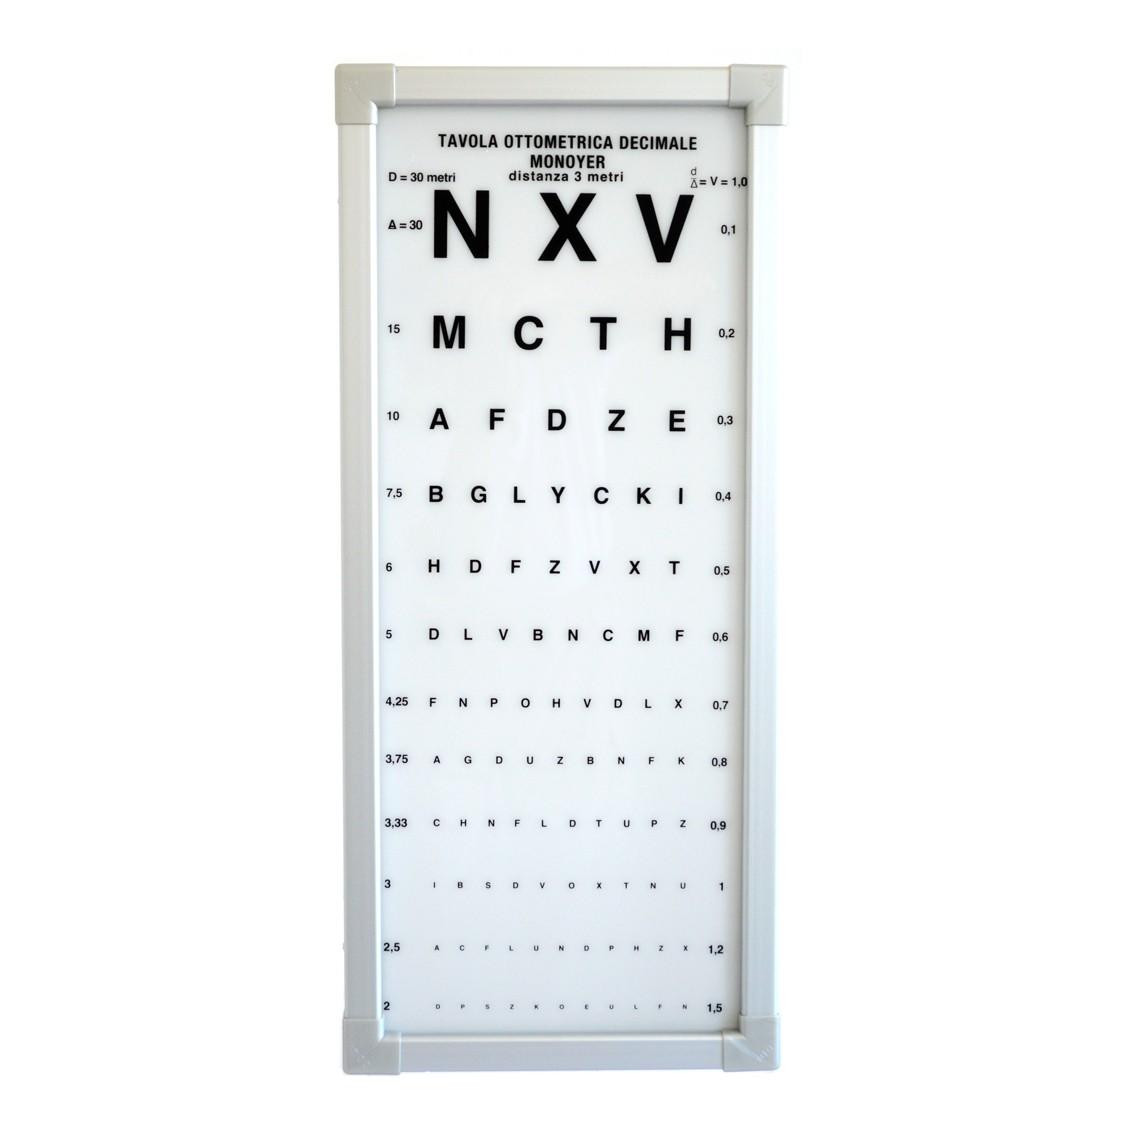 Negativoscopi - Ottotipi - Tavole Optometriche